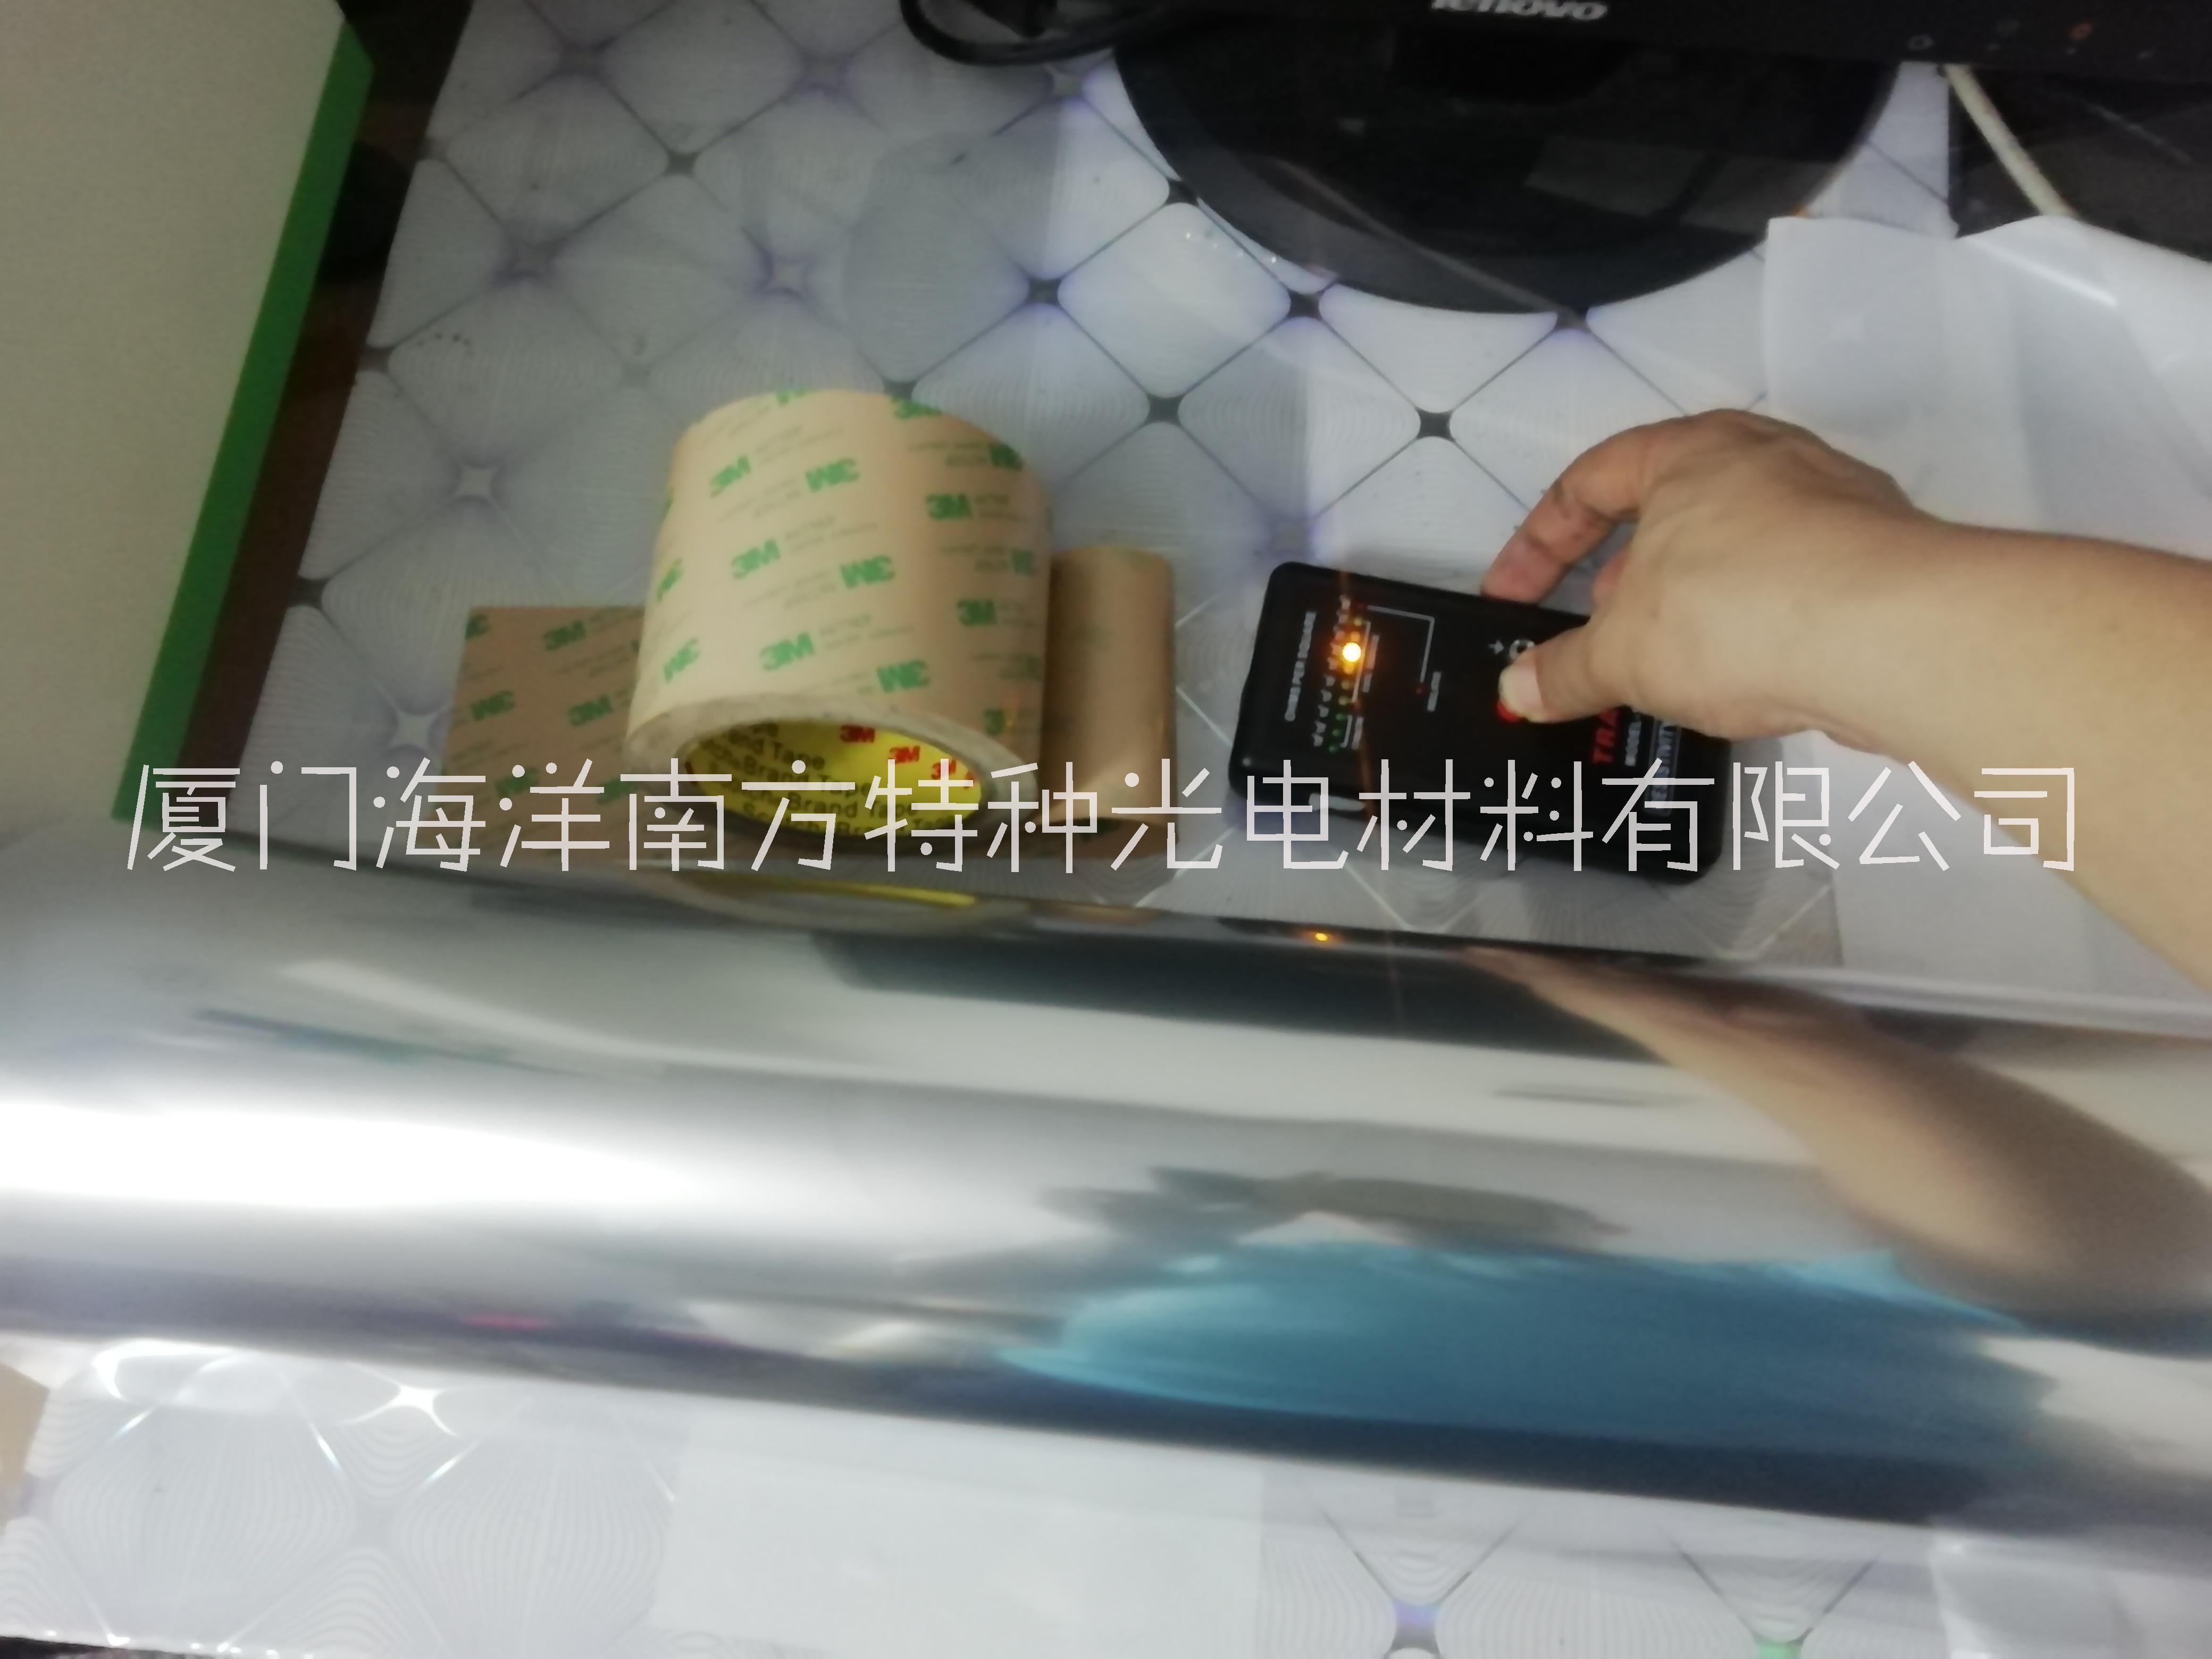 3-5.5克防静电PET离型膜  涂布贴胶 模切贴胶离型膜批发 永久防静电PET离型膜在线涂布